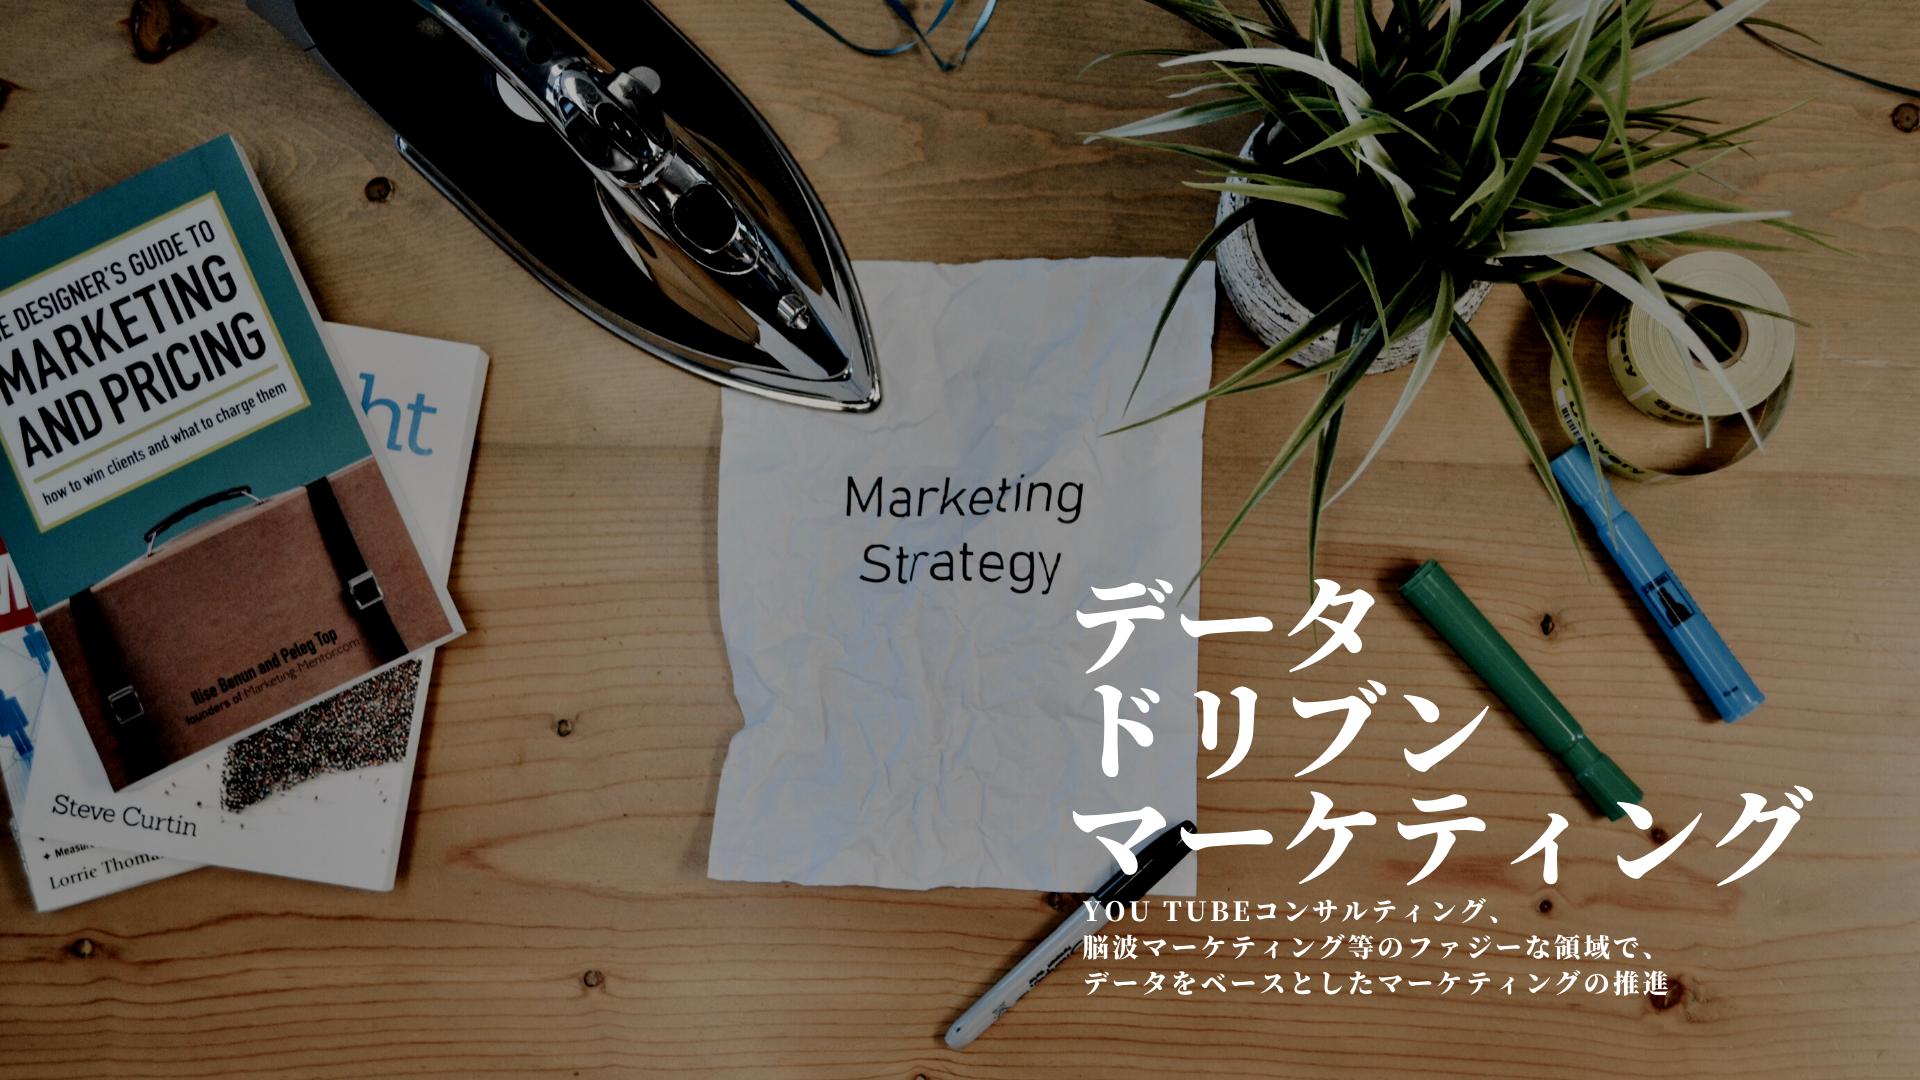 3.データドリブンマーケティング